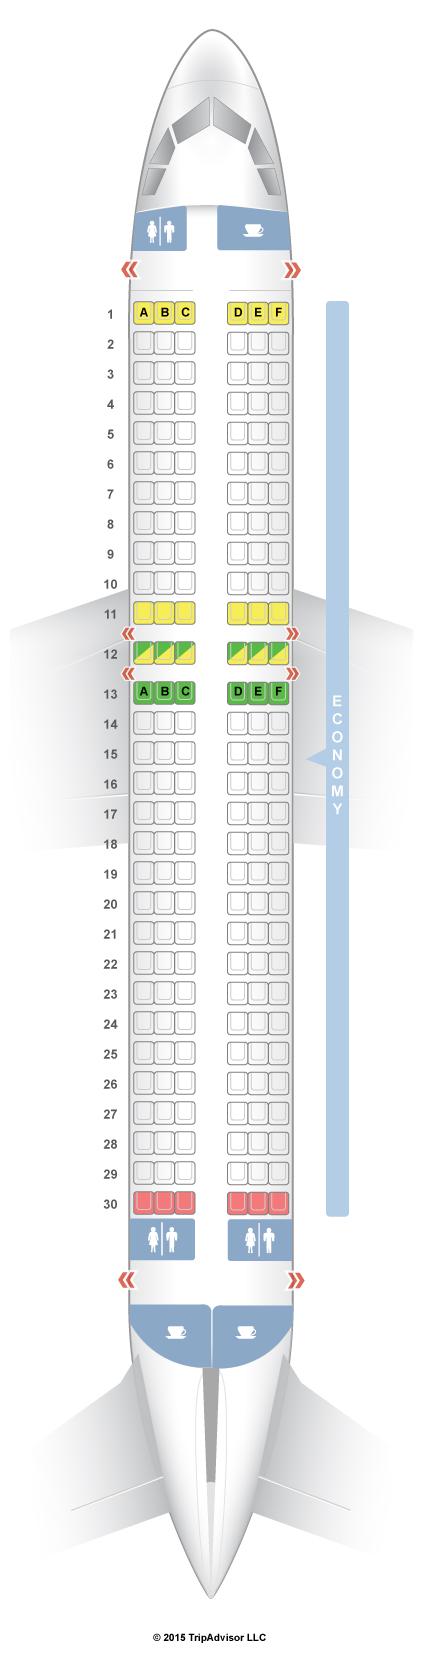 Seatguru Seat Map Indigo Airlines Airbus A320 320